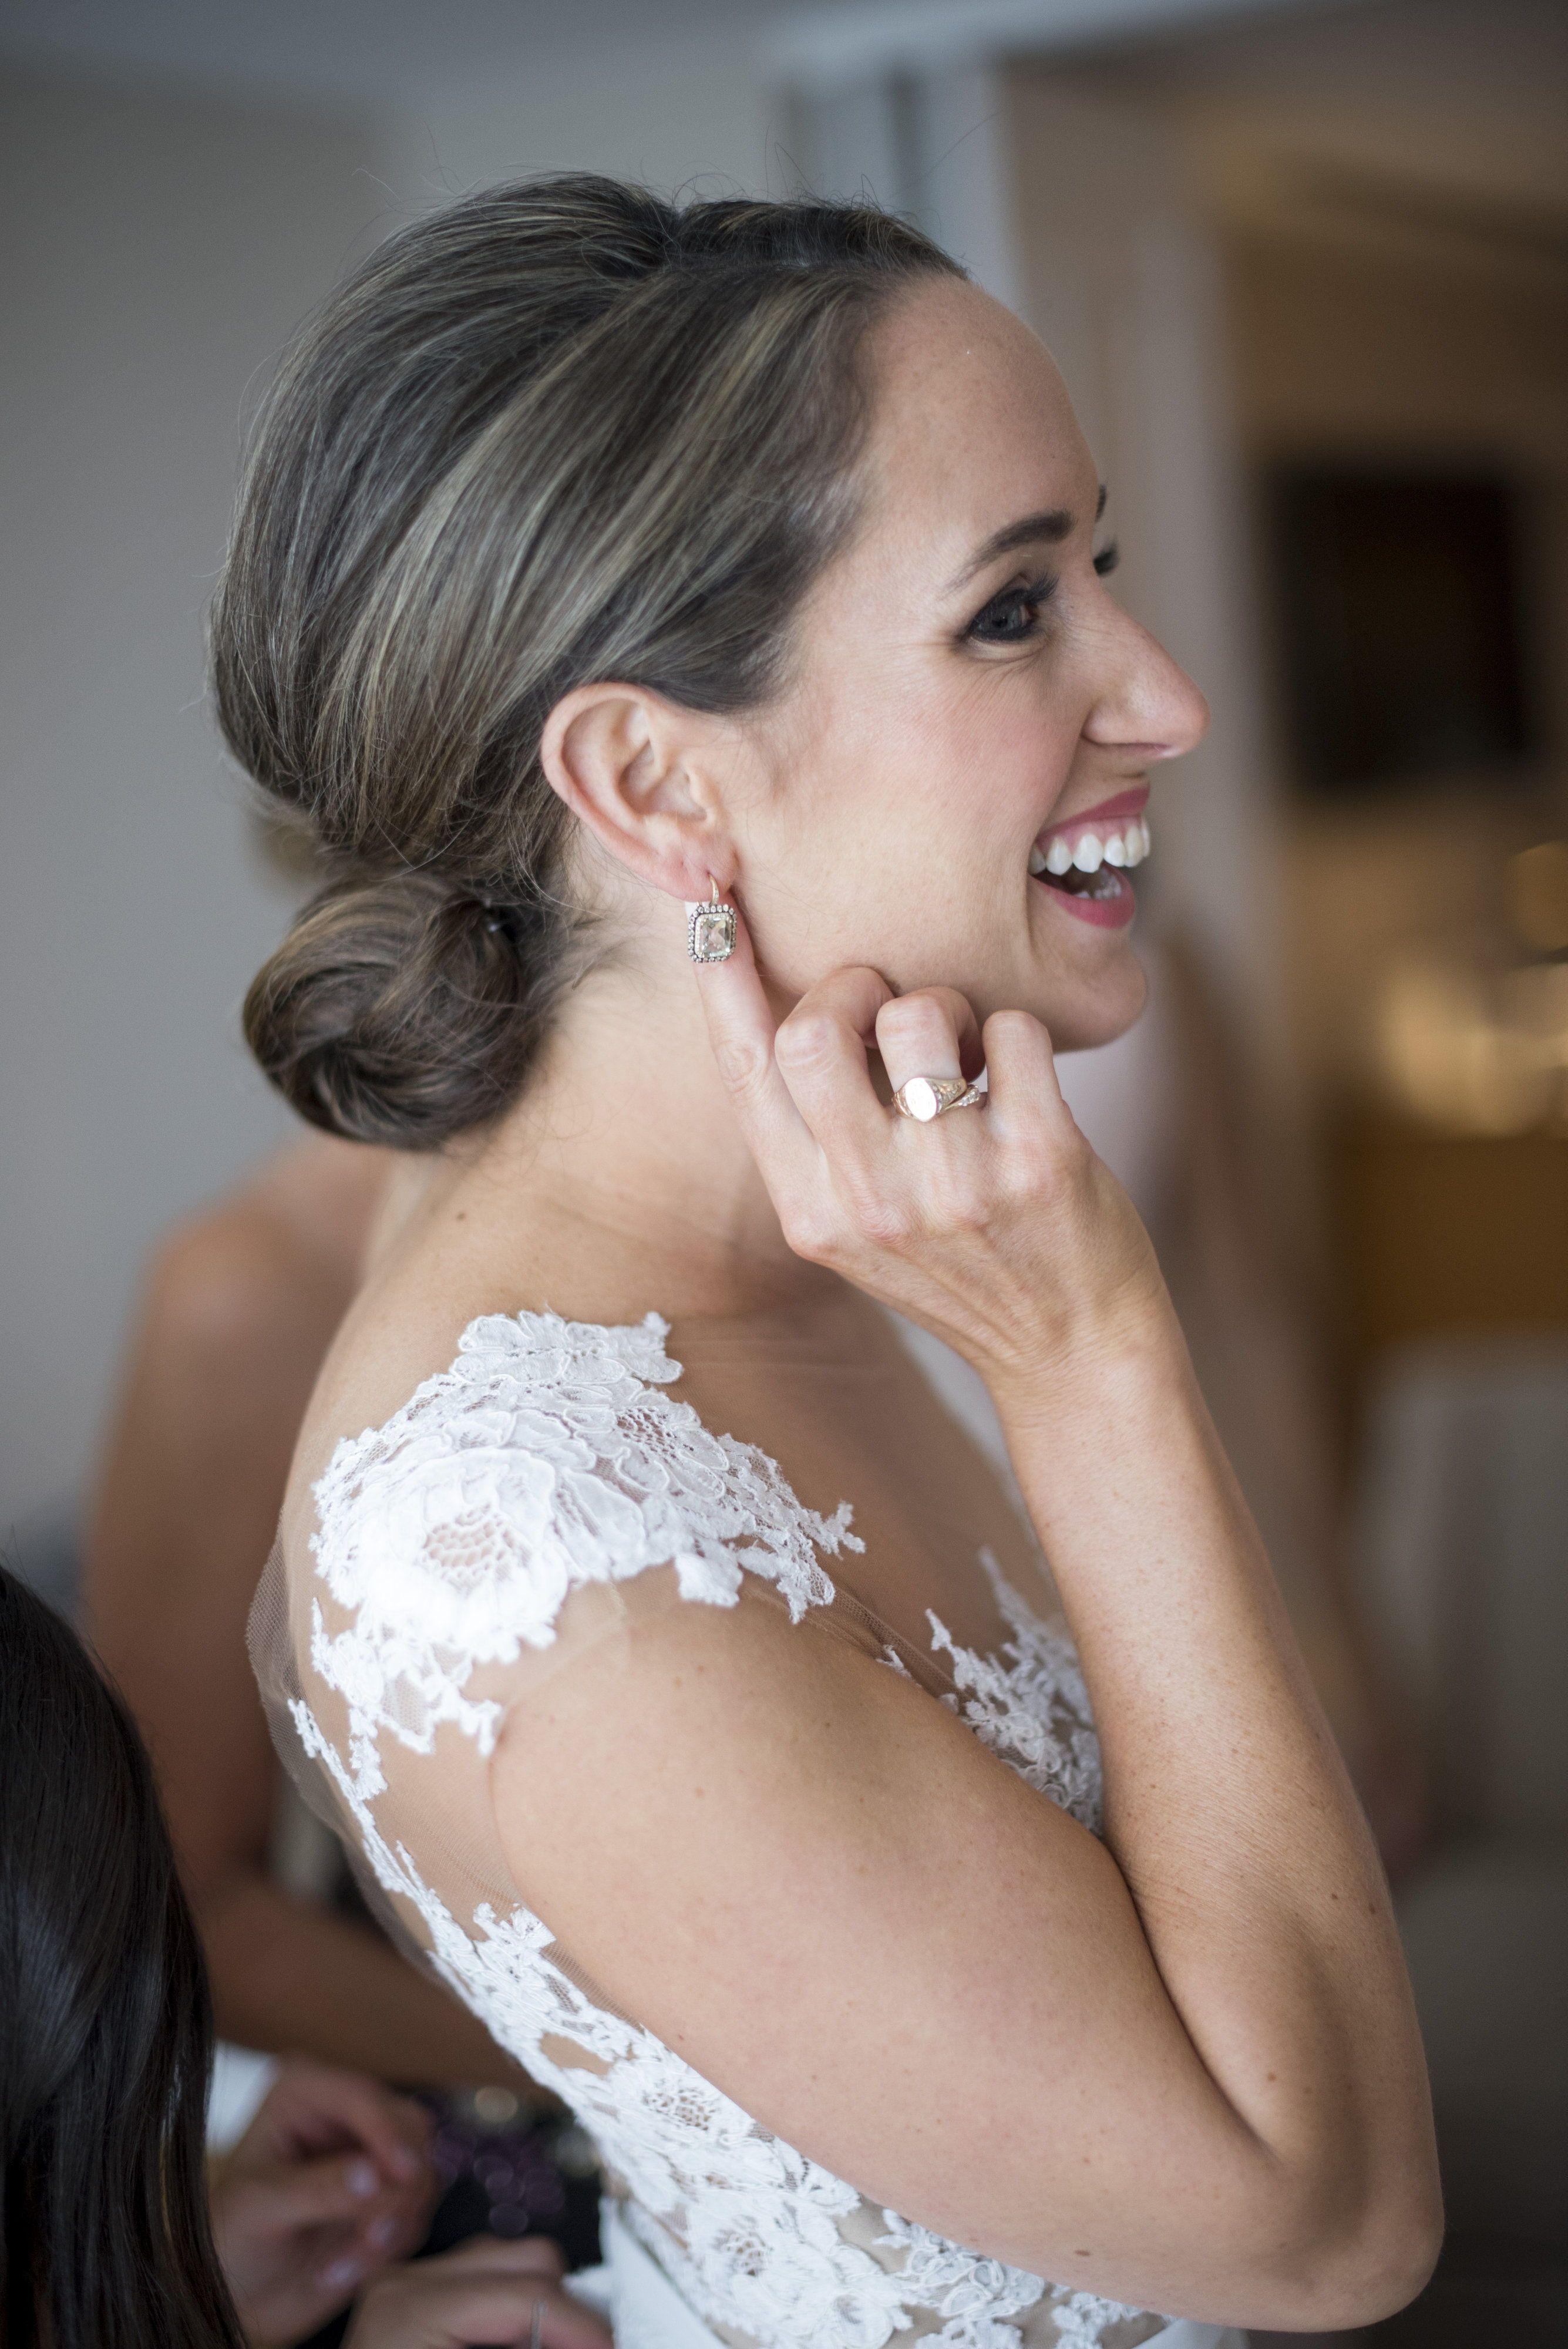 snap weddings, jennie kay beauty salon, newport wedding